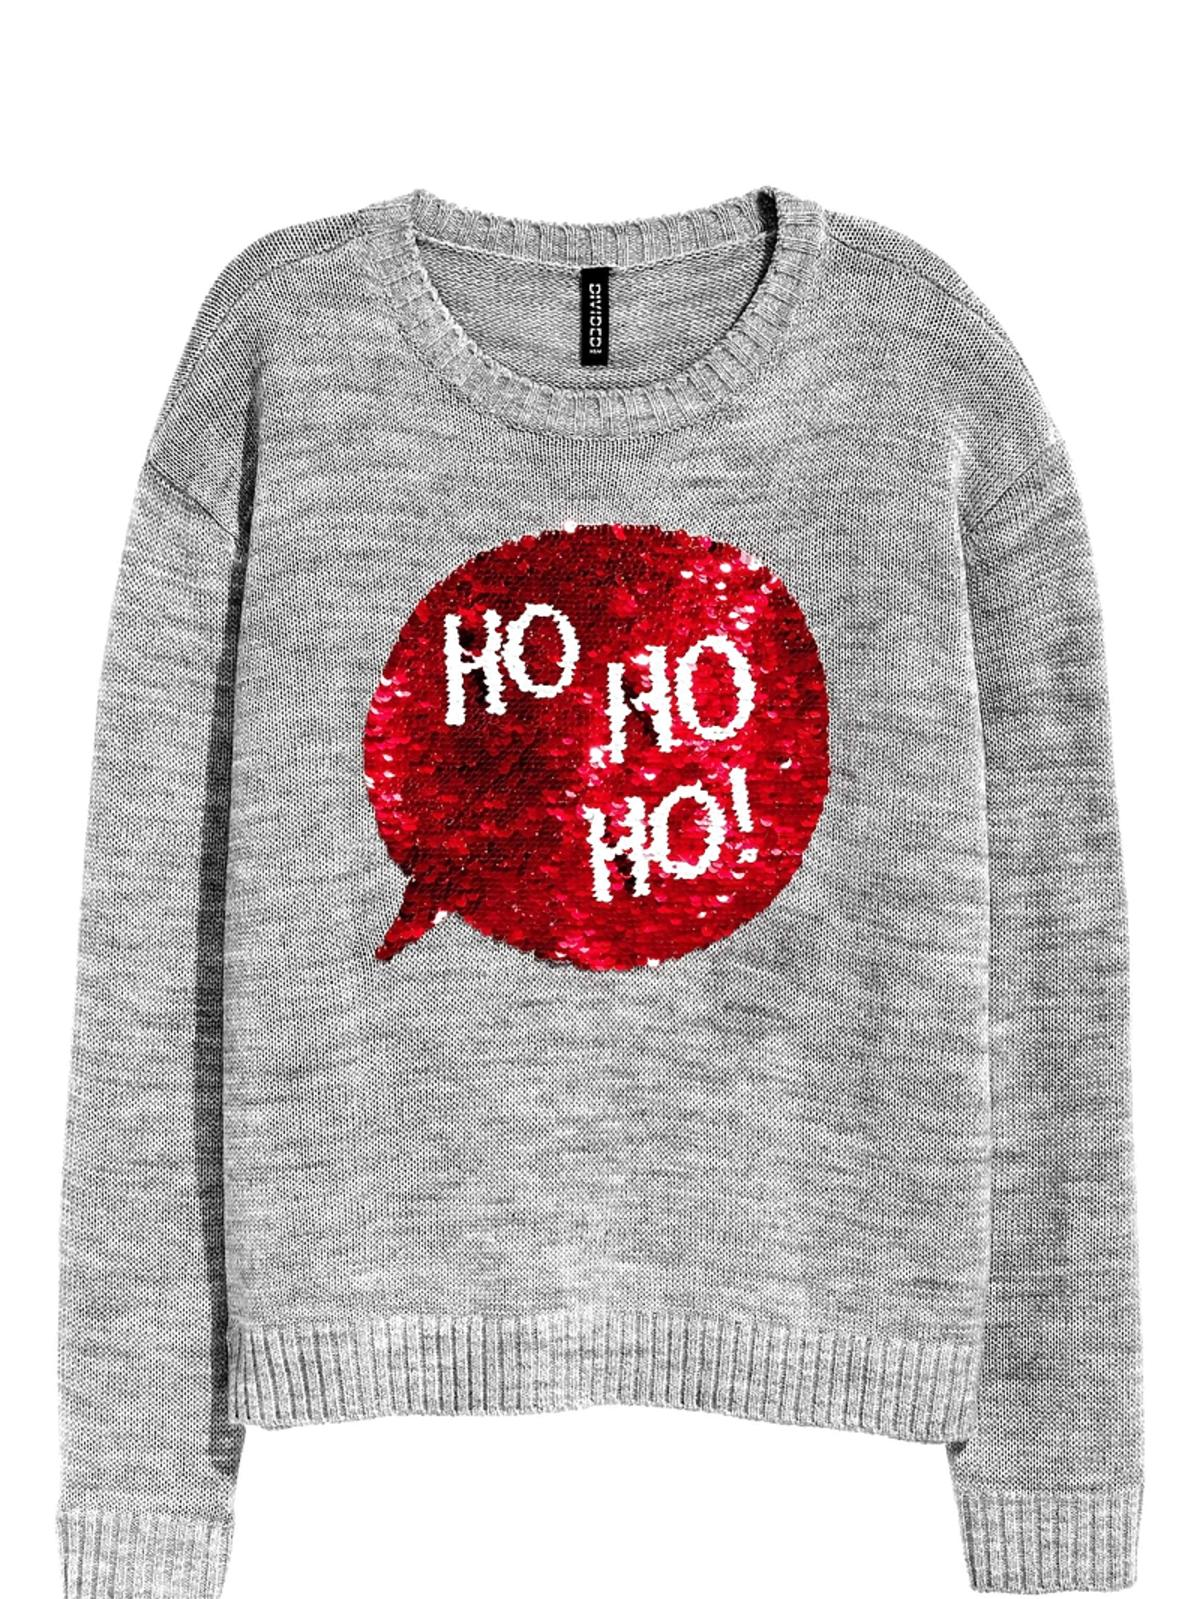 Promocje H&M zima 2016: Świąteczny sweter z cekinami